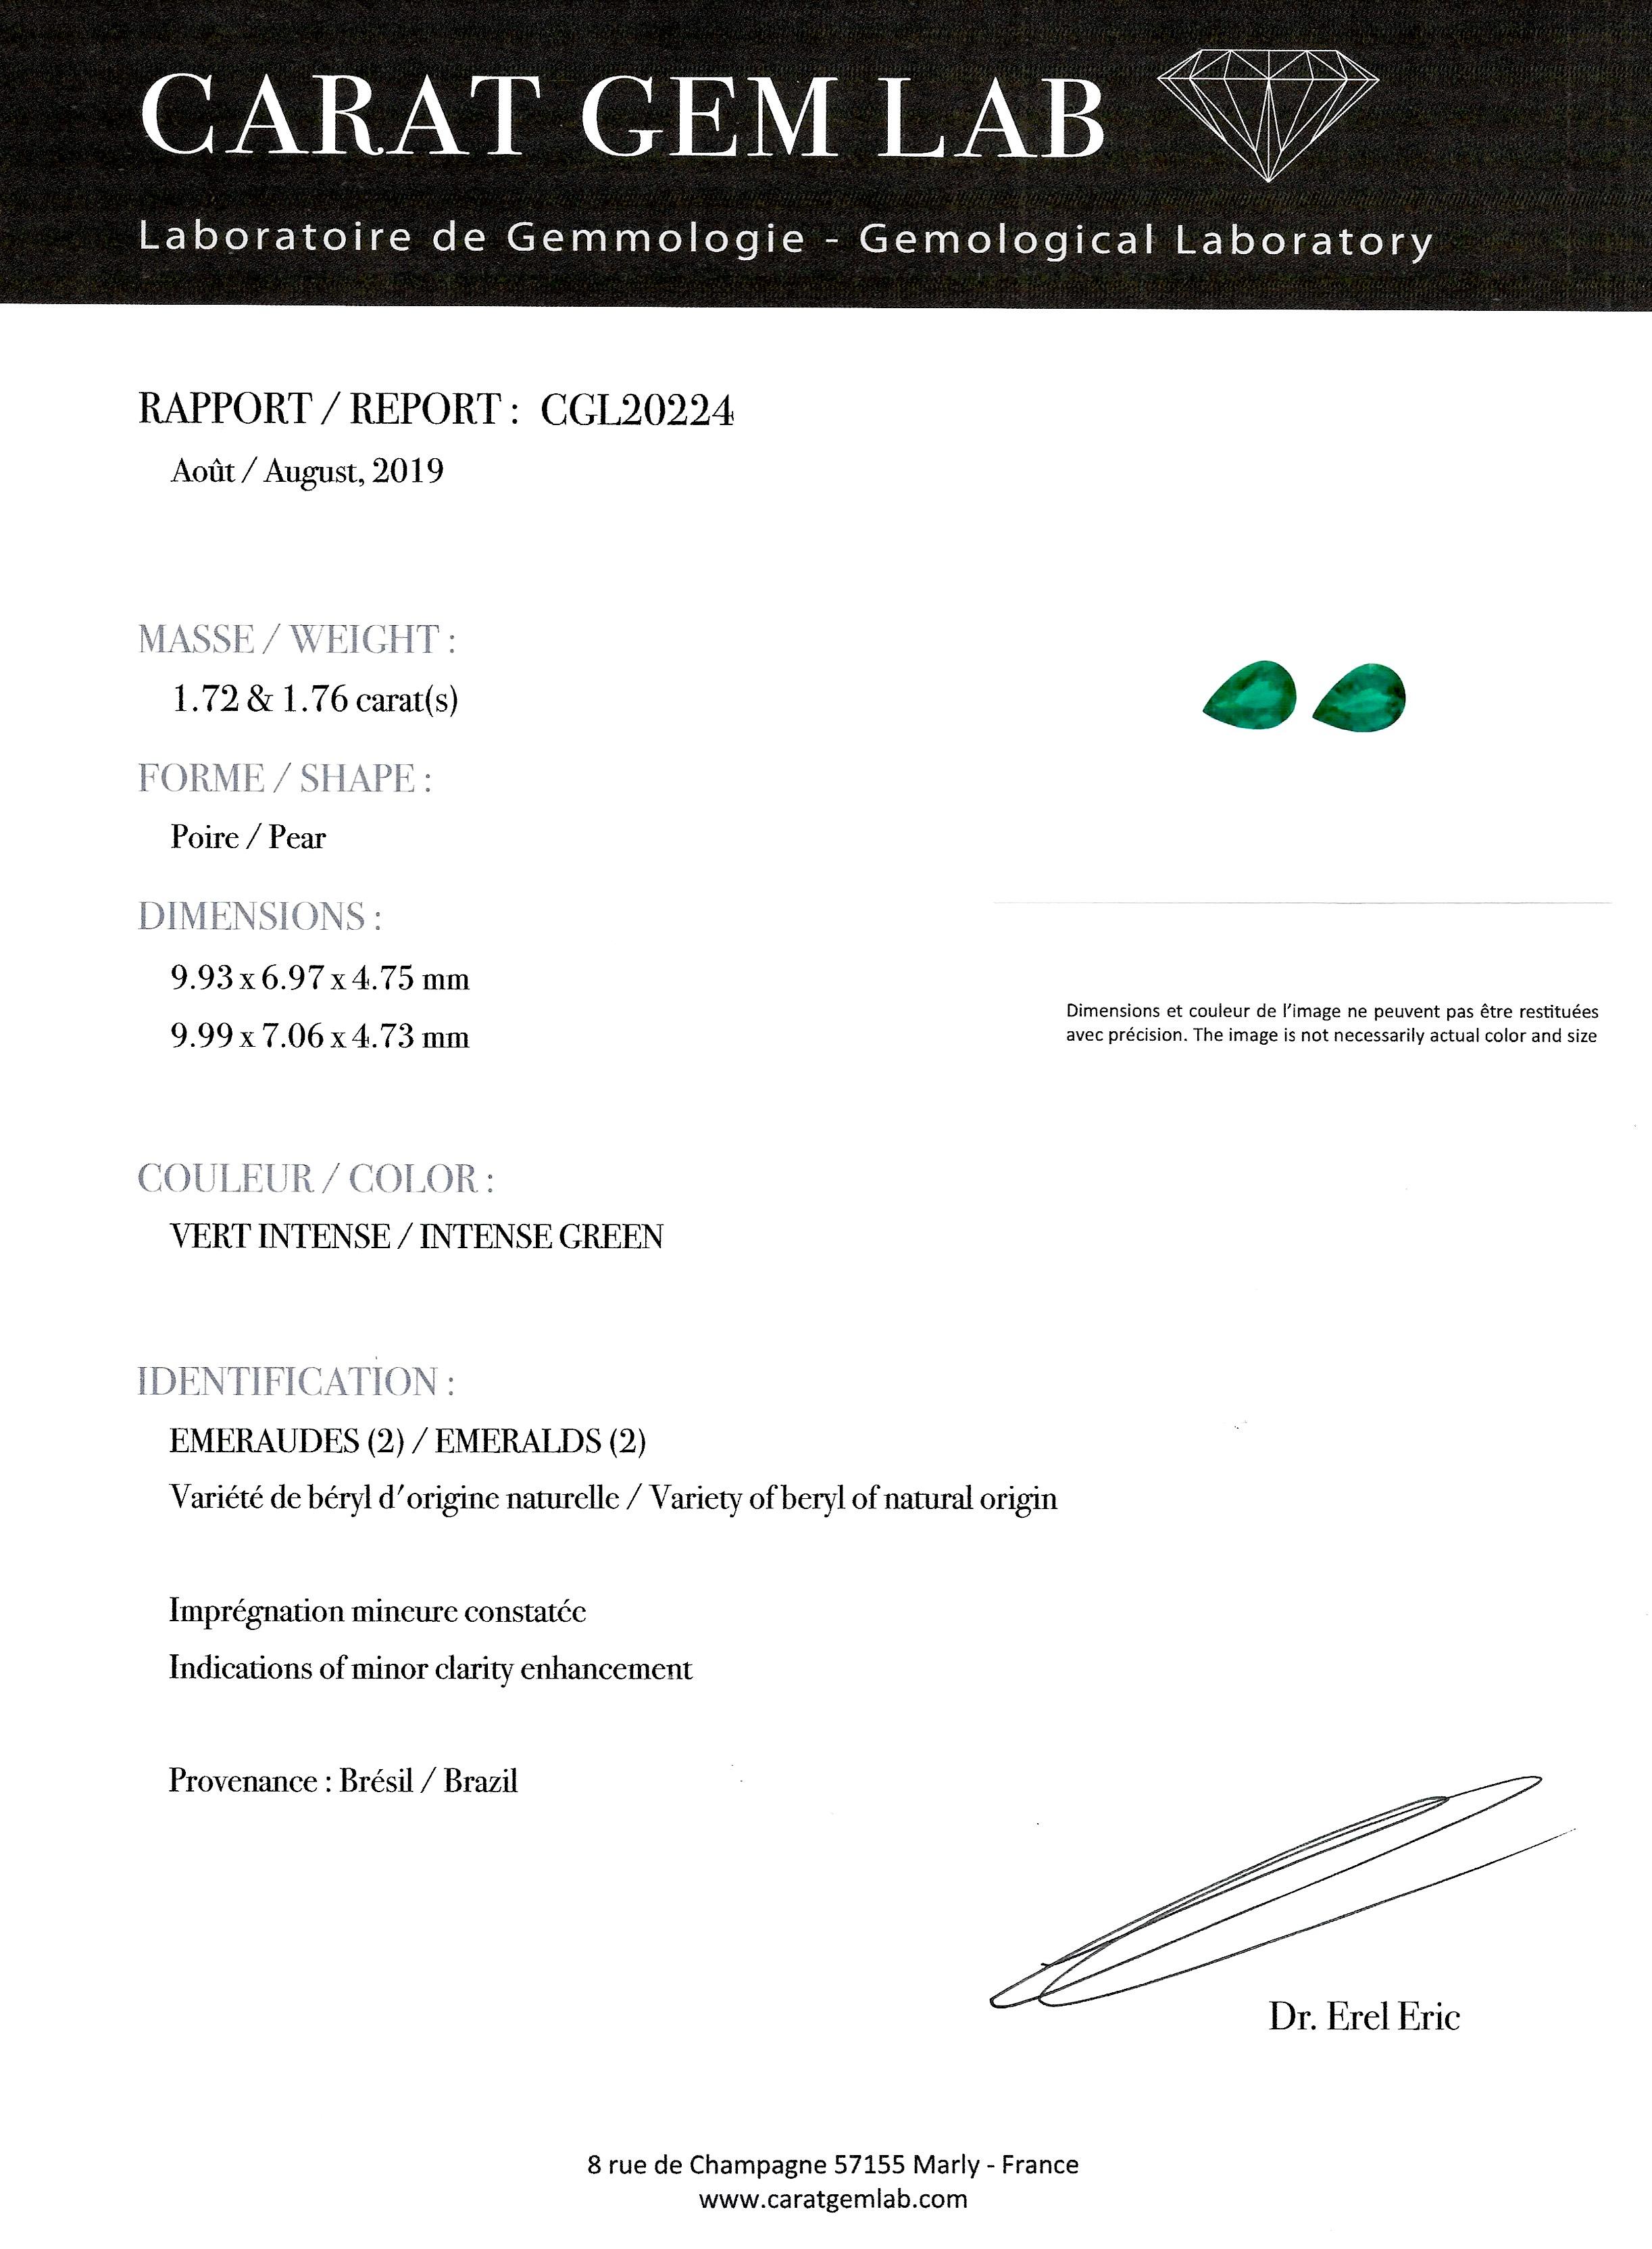 Boucles d'oreilles émeraudes vert intense 3,48 carats (certificat CGL) diamants-2